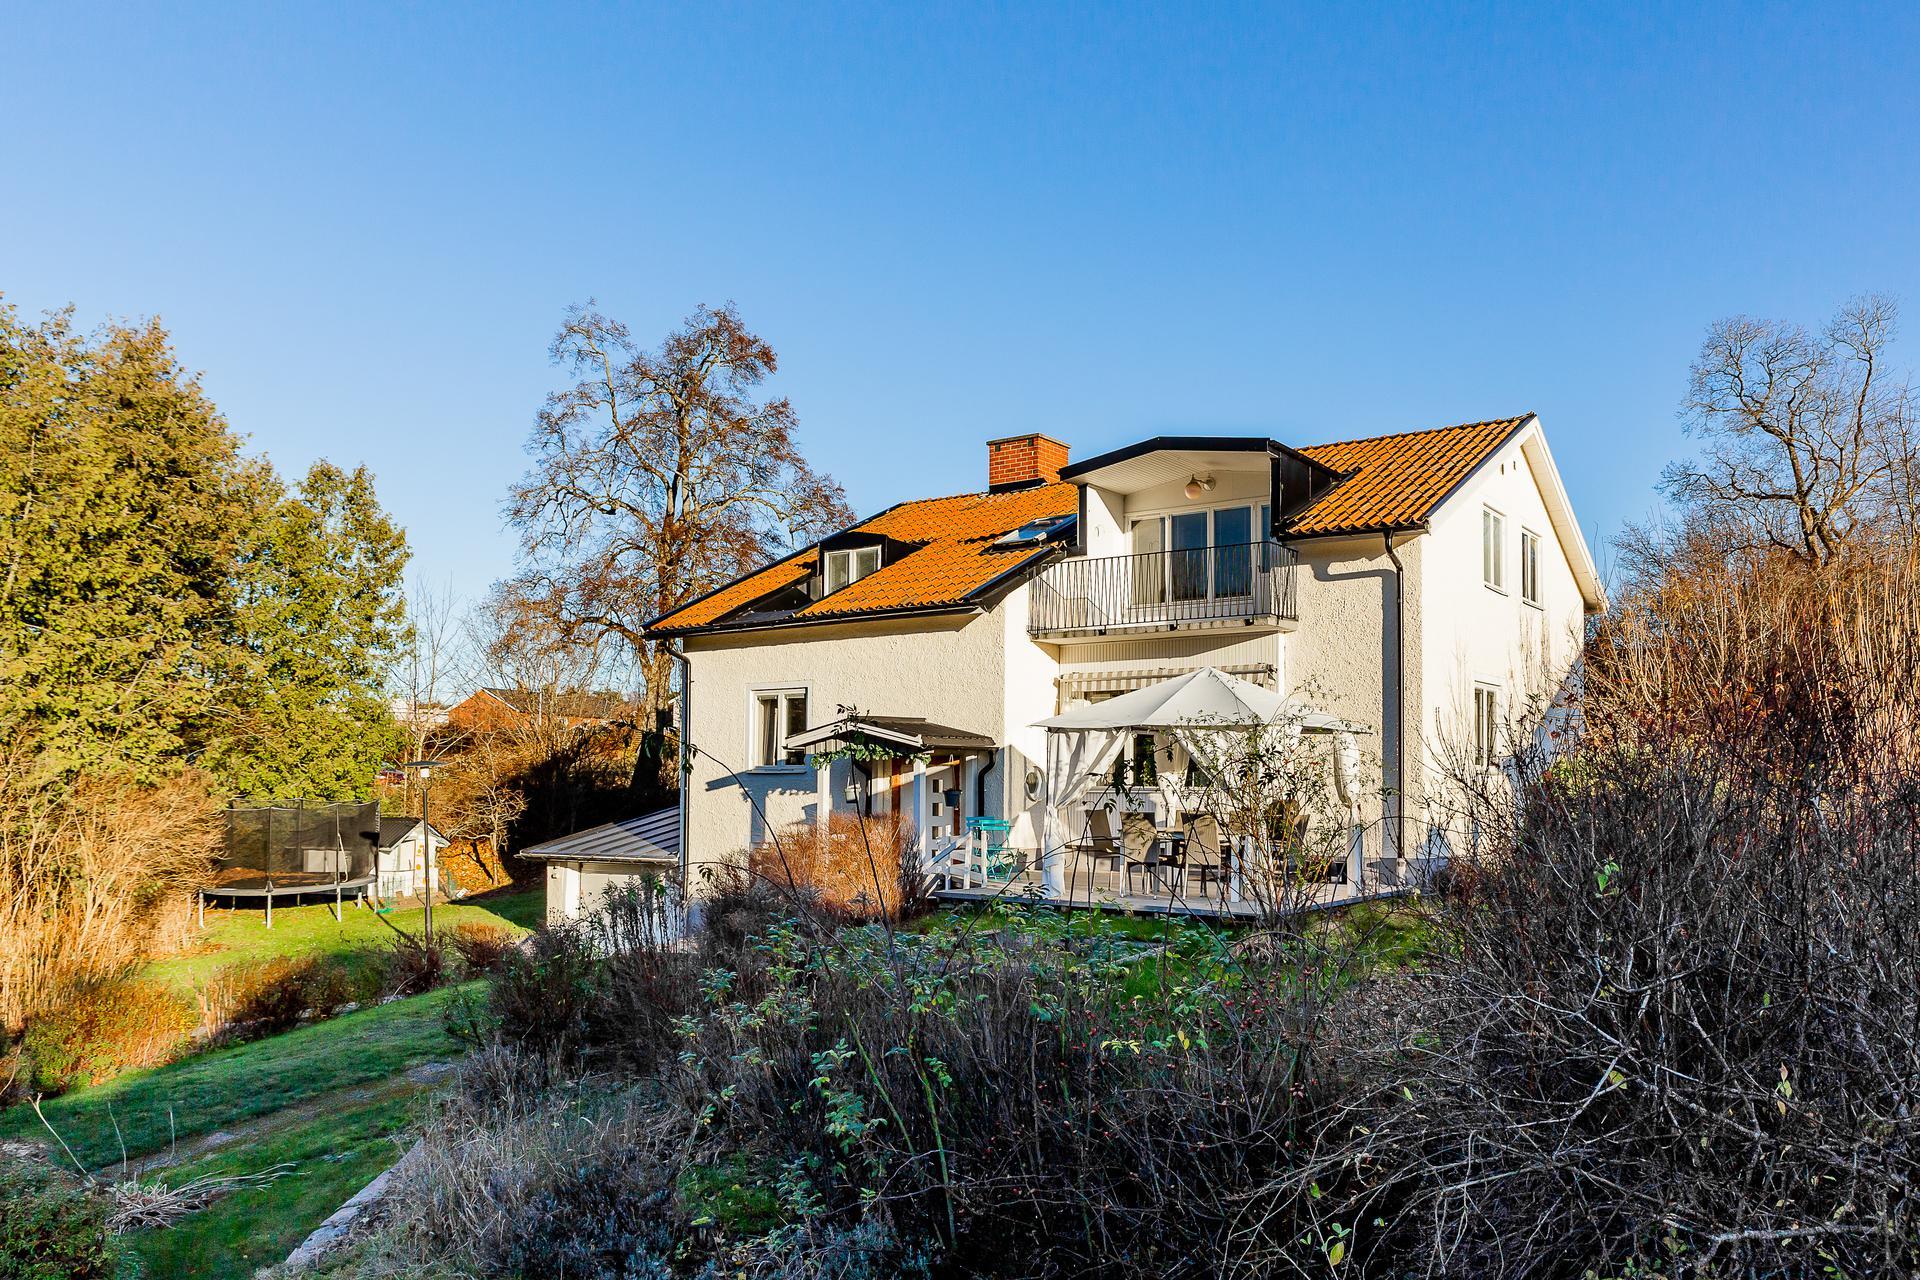 Arkitektritad villa med riktigt fint läge vid vändplan